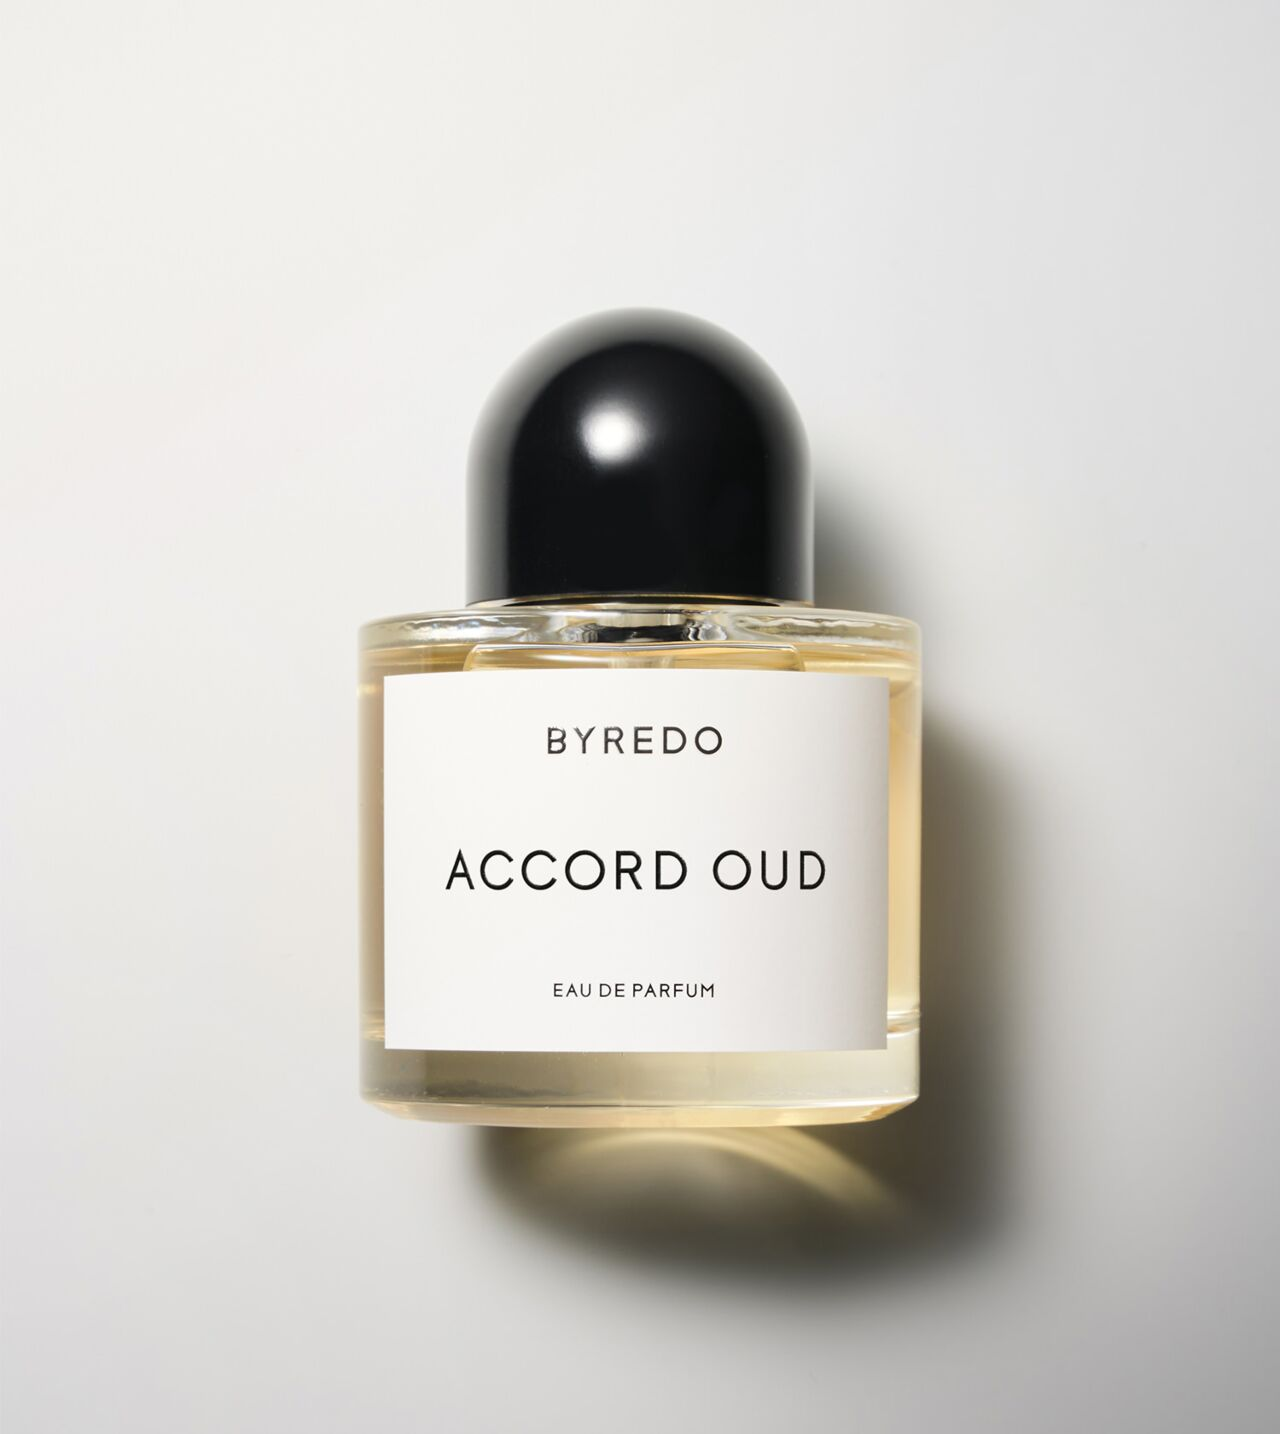 Picture of Byredo Accord Oud Eau de Parfum 100ml